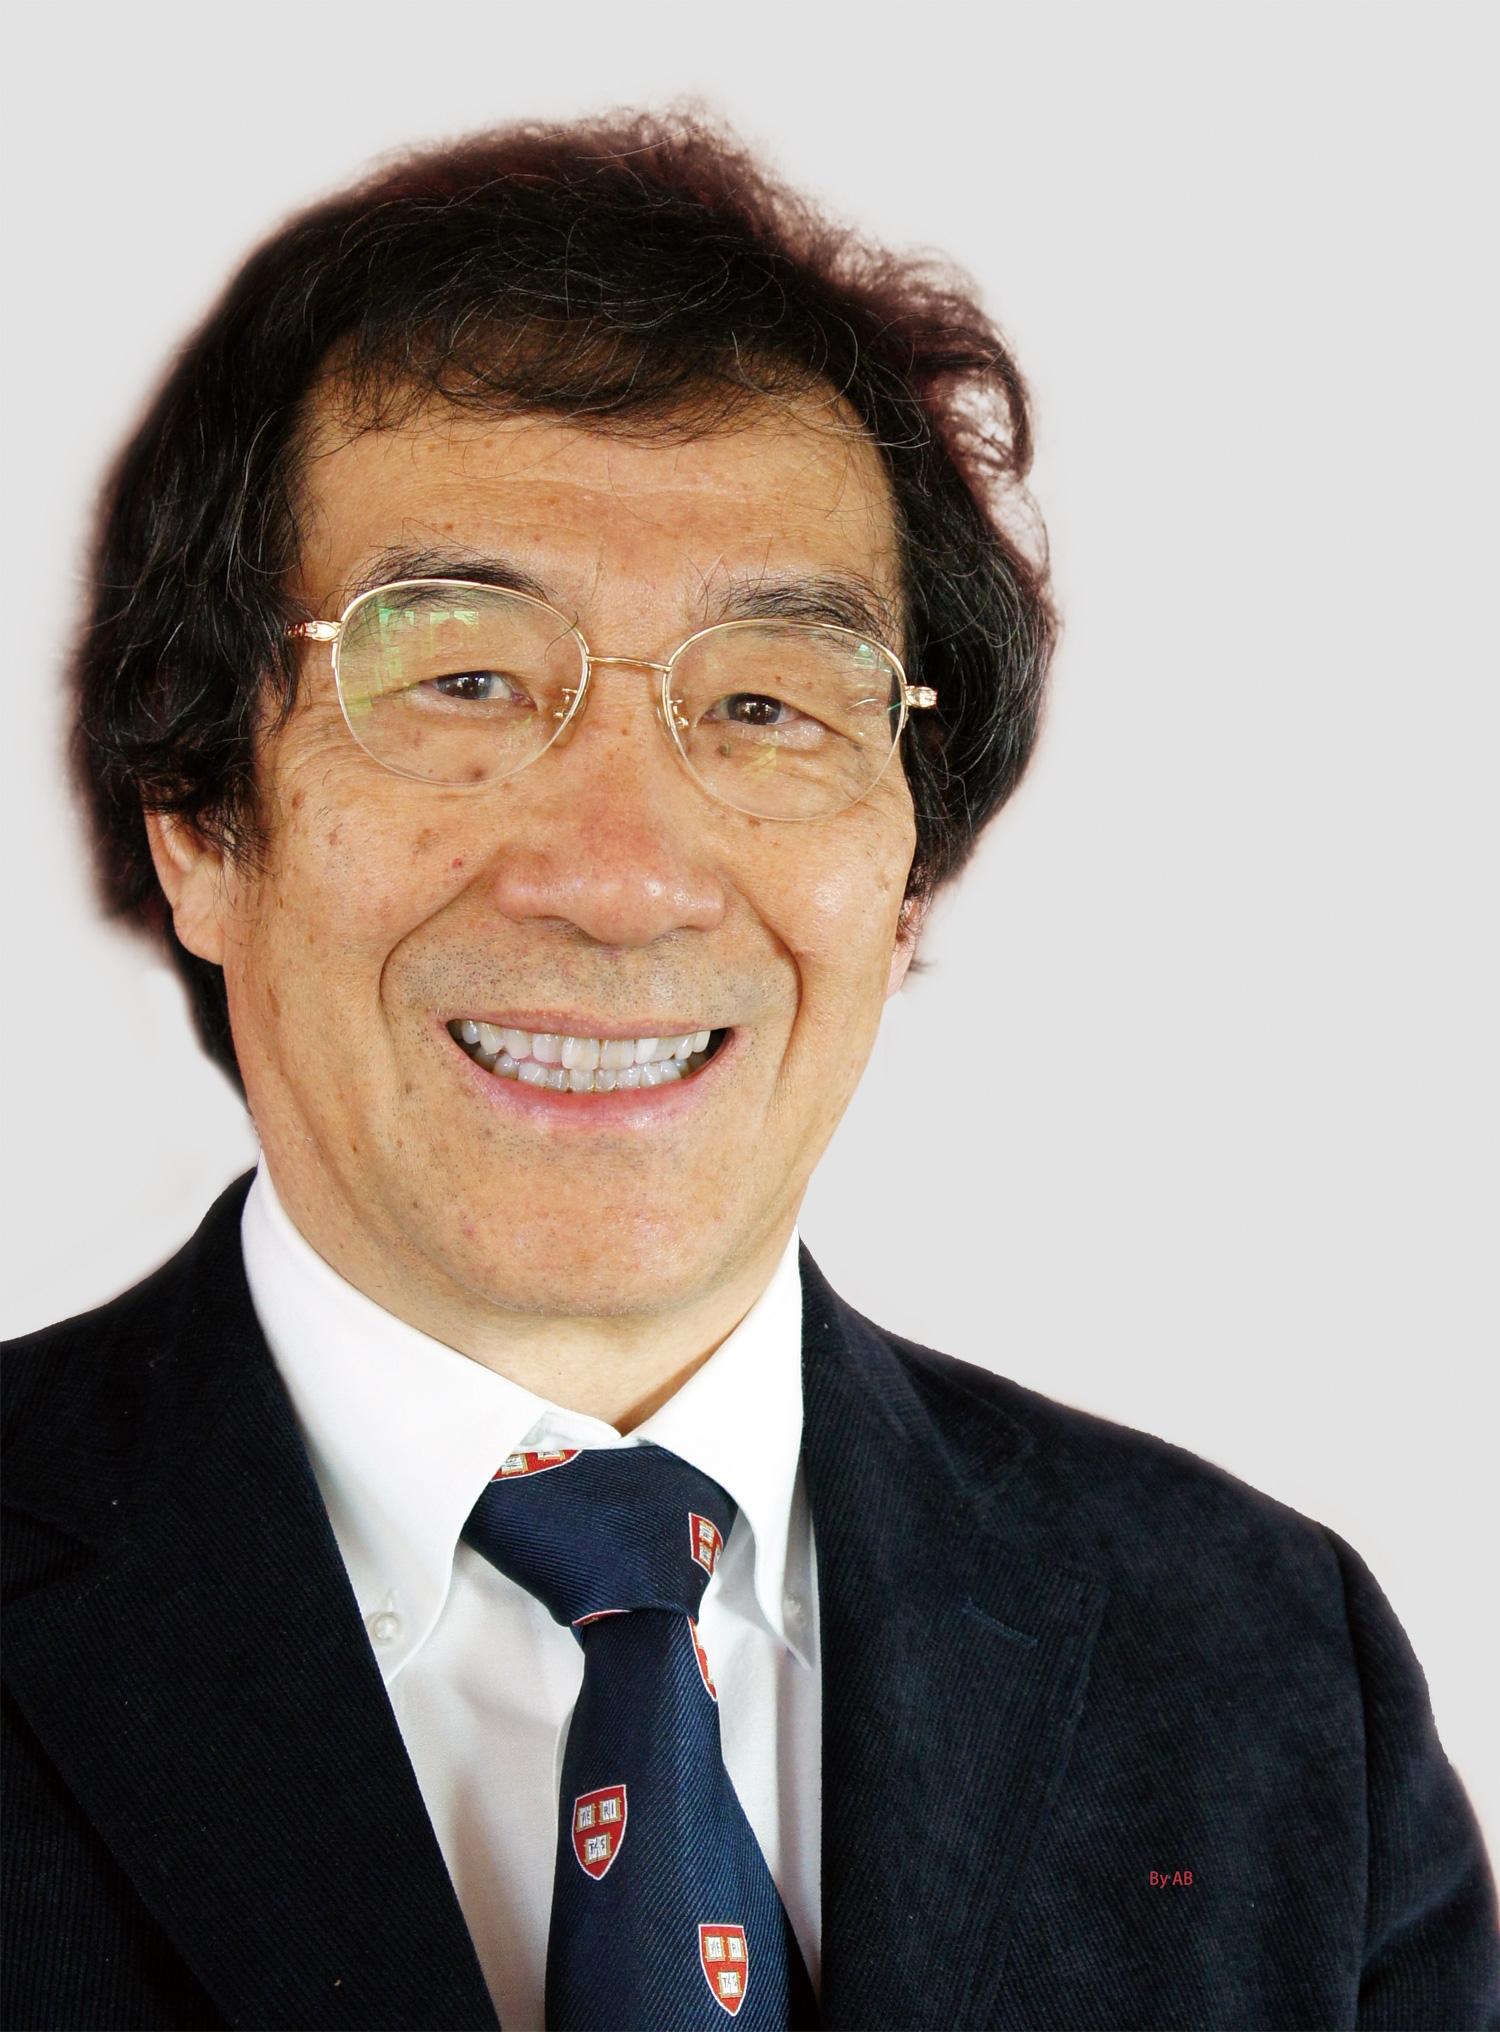 Prof. Tu Weiming